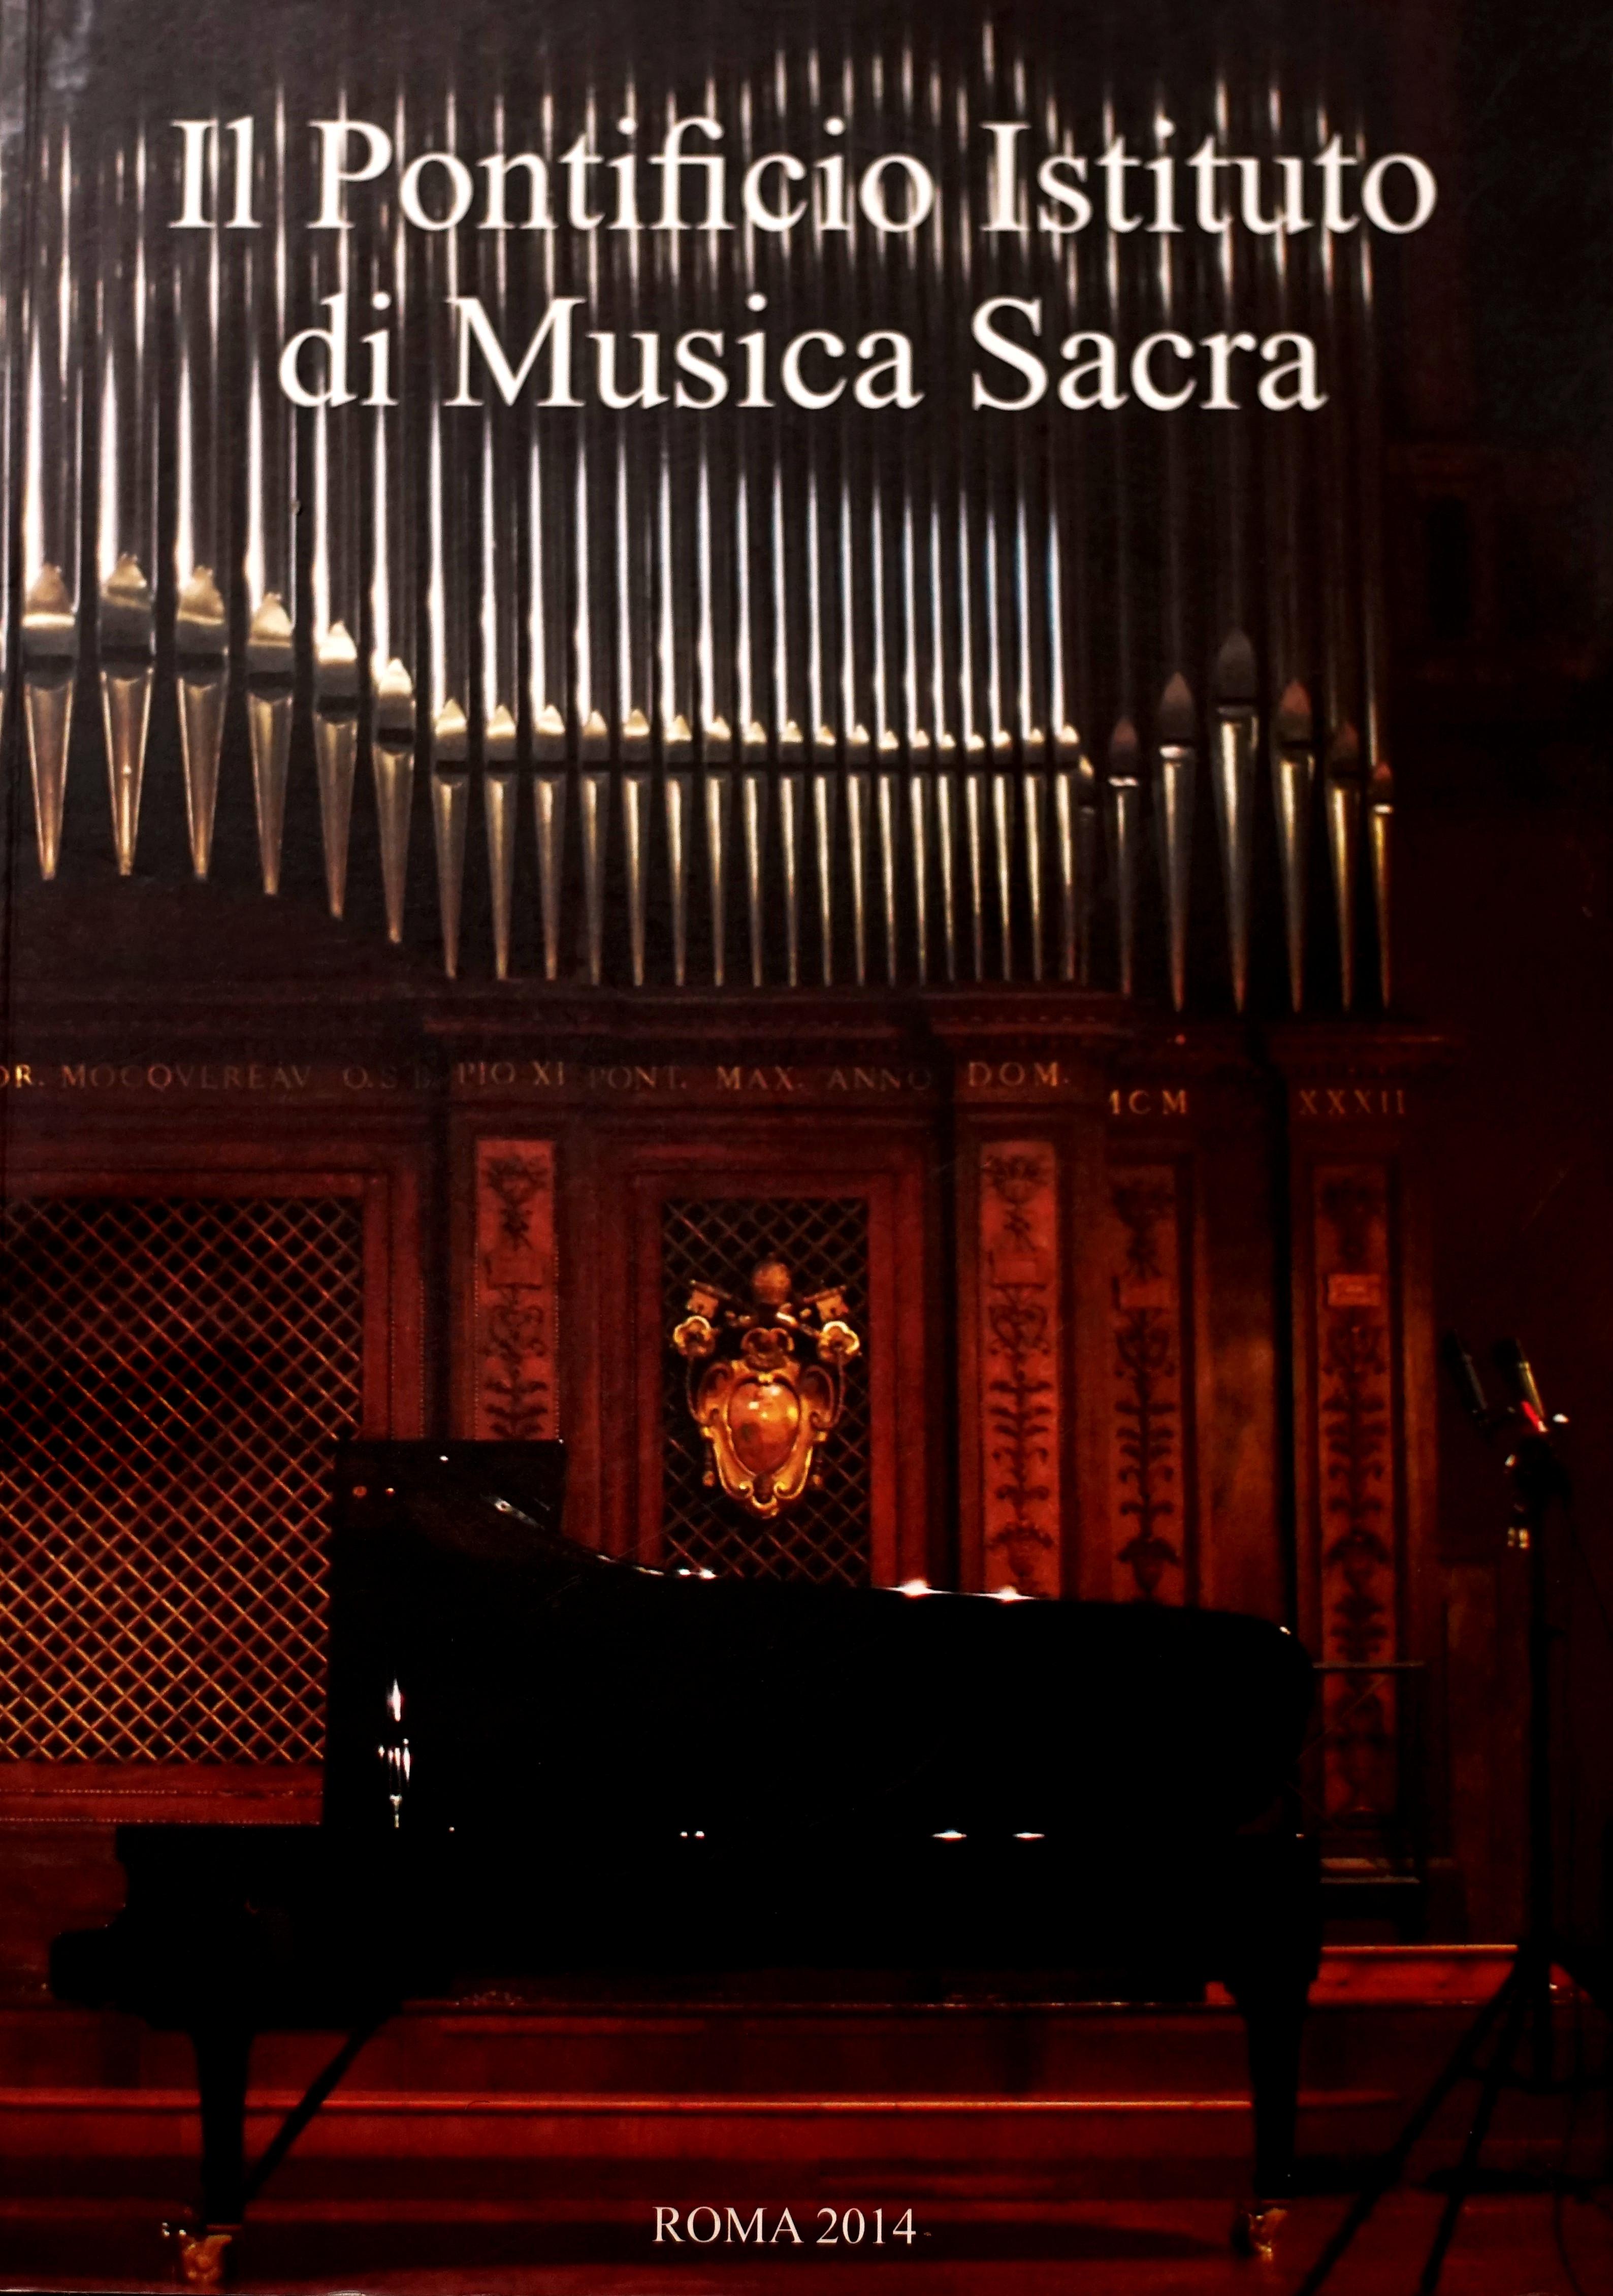 Il Pontificio Istituto di Musica Sacra